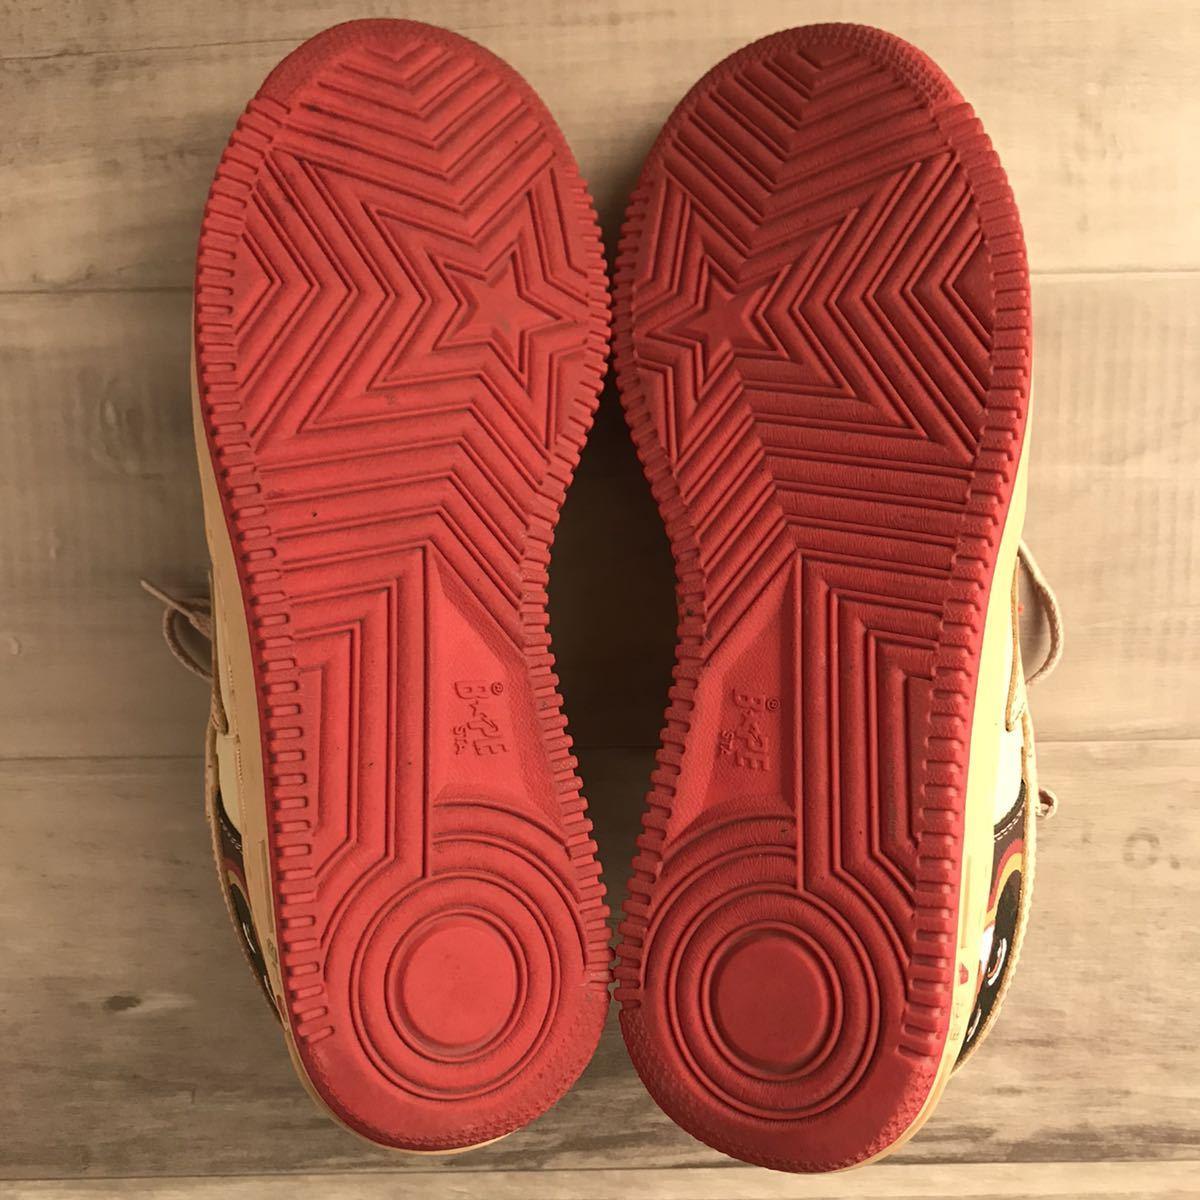 ★激レア★ BAPESTA kanye west 28.5cm a bathing ape BAPE ベイプスタ カニエ エイプ ベイプ スニーカー sneakers College Dropout nigo